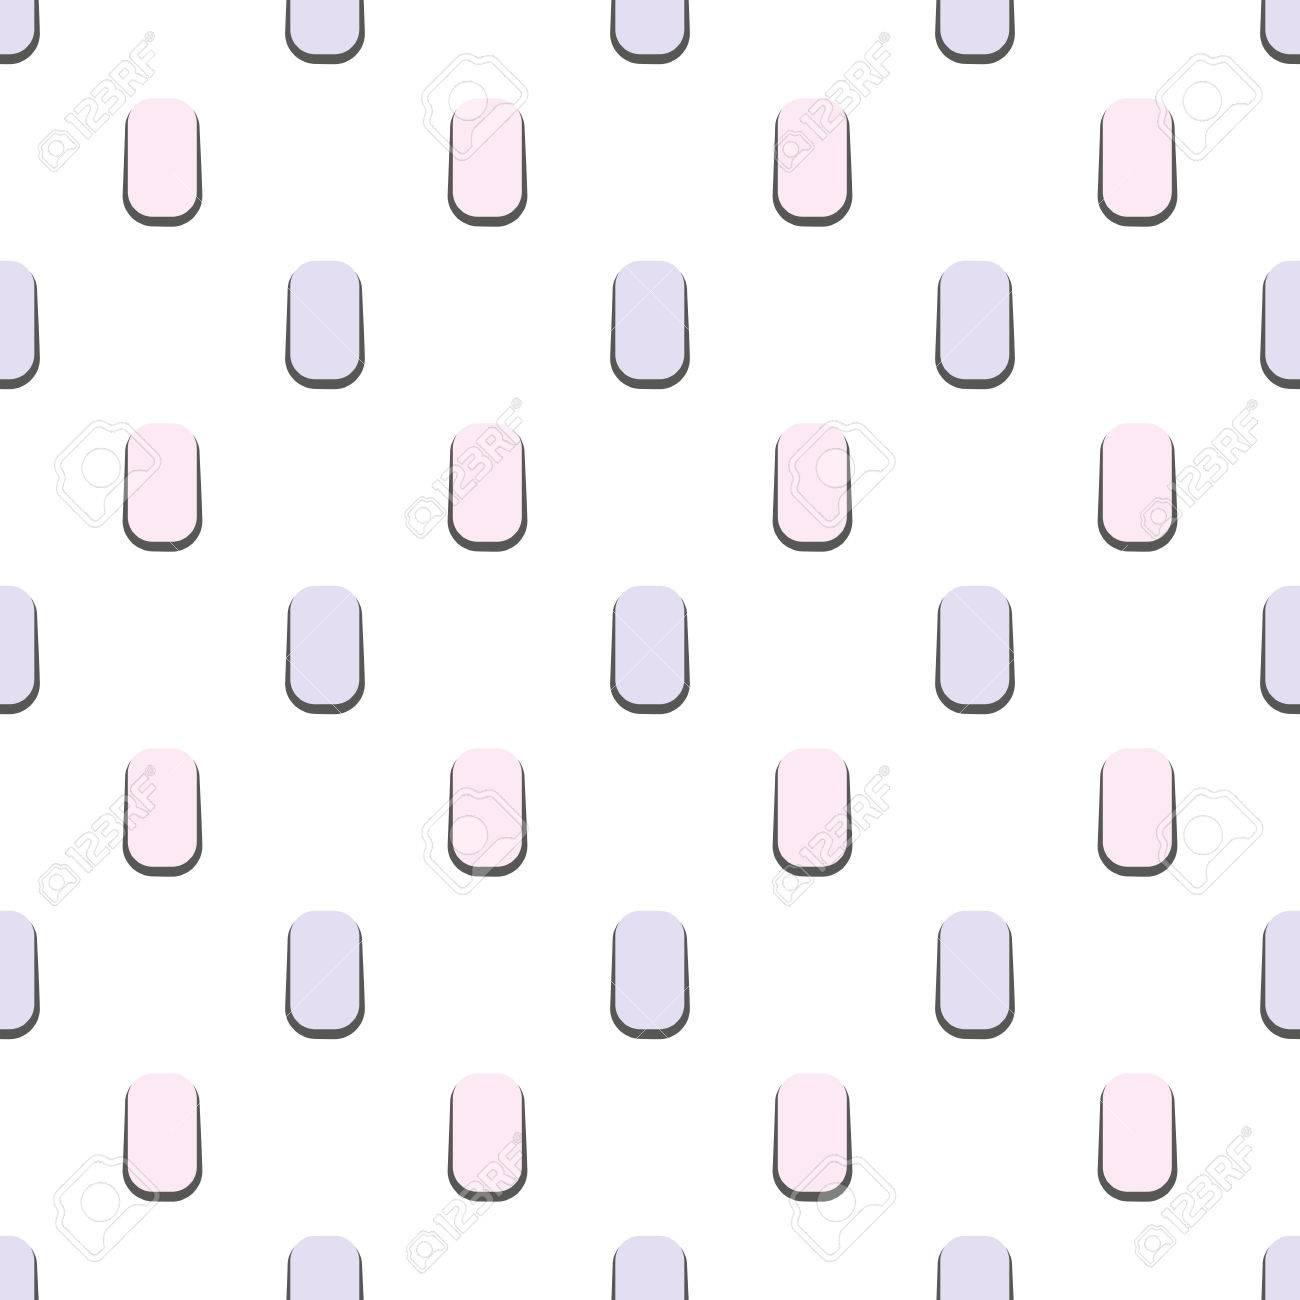 Pastel Transparente Patron Geometrico Minimalista Textura Suave